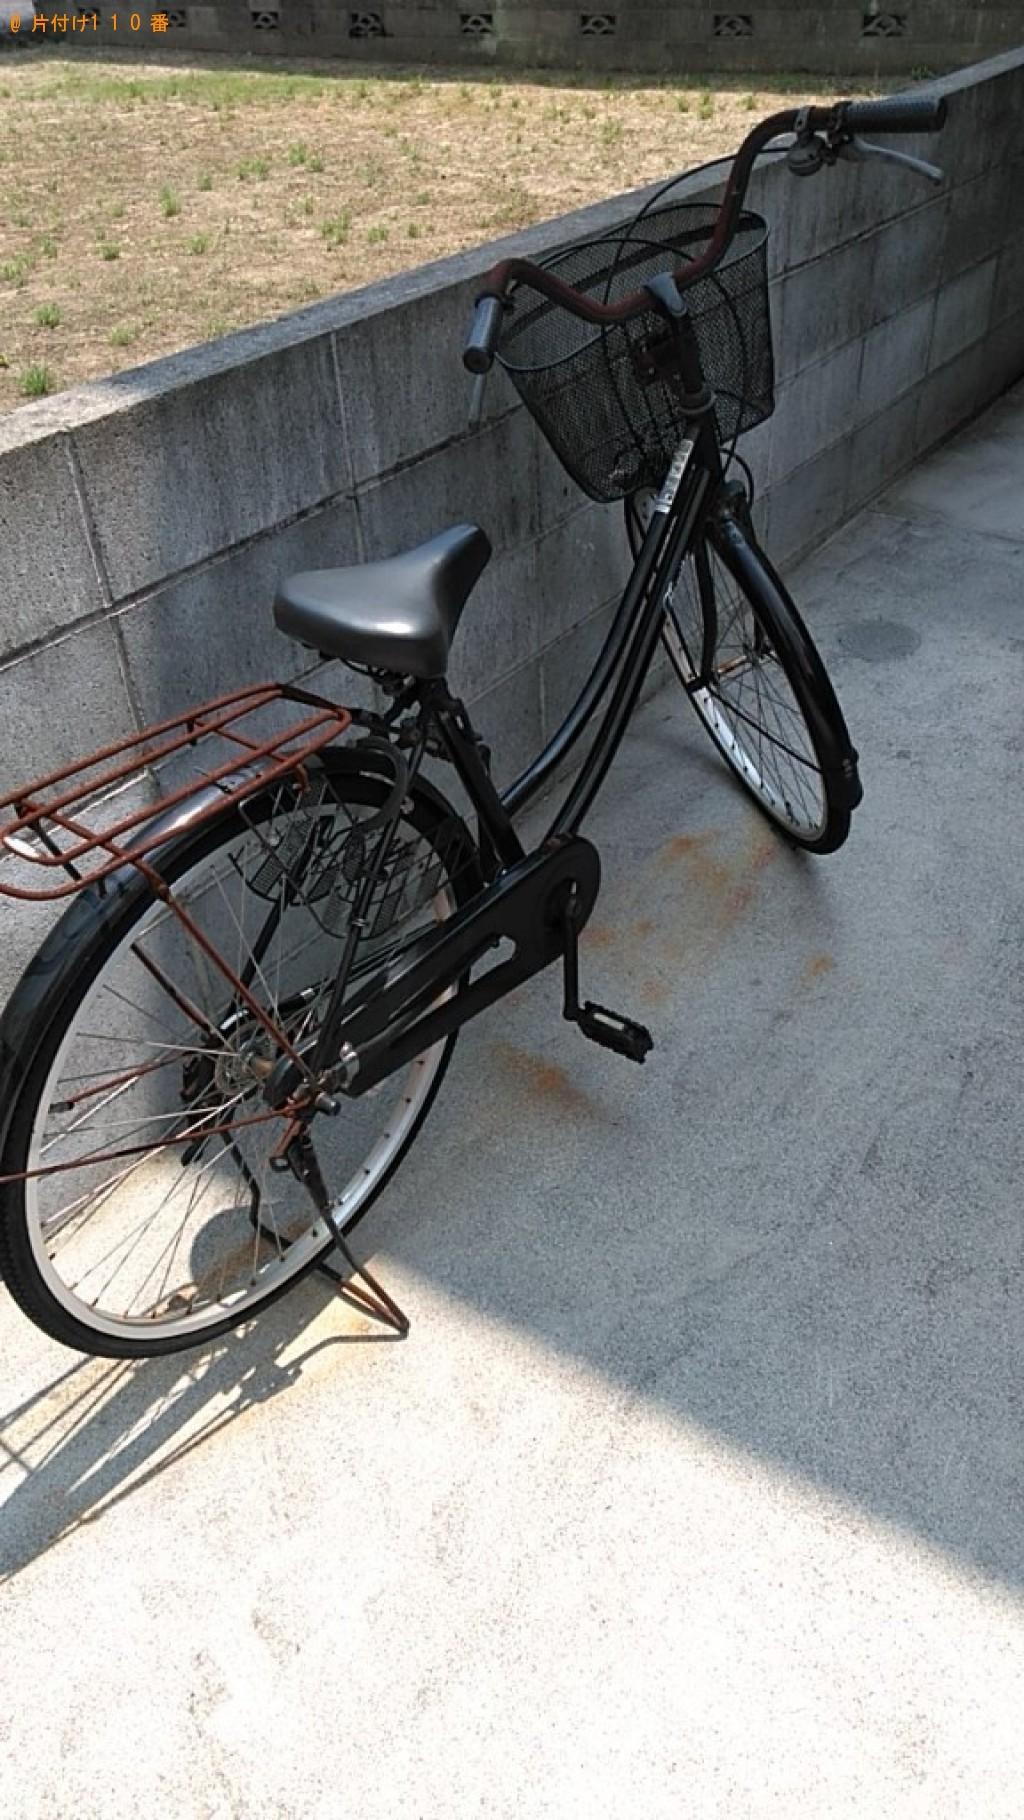 【松山市山越町】蜂が付いた自転車の回収・処分ご依頼 お客様の声